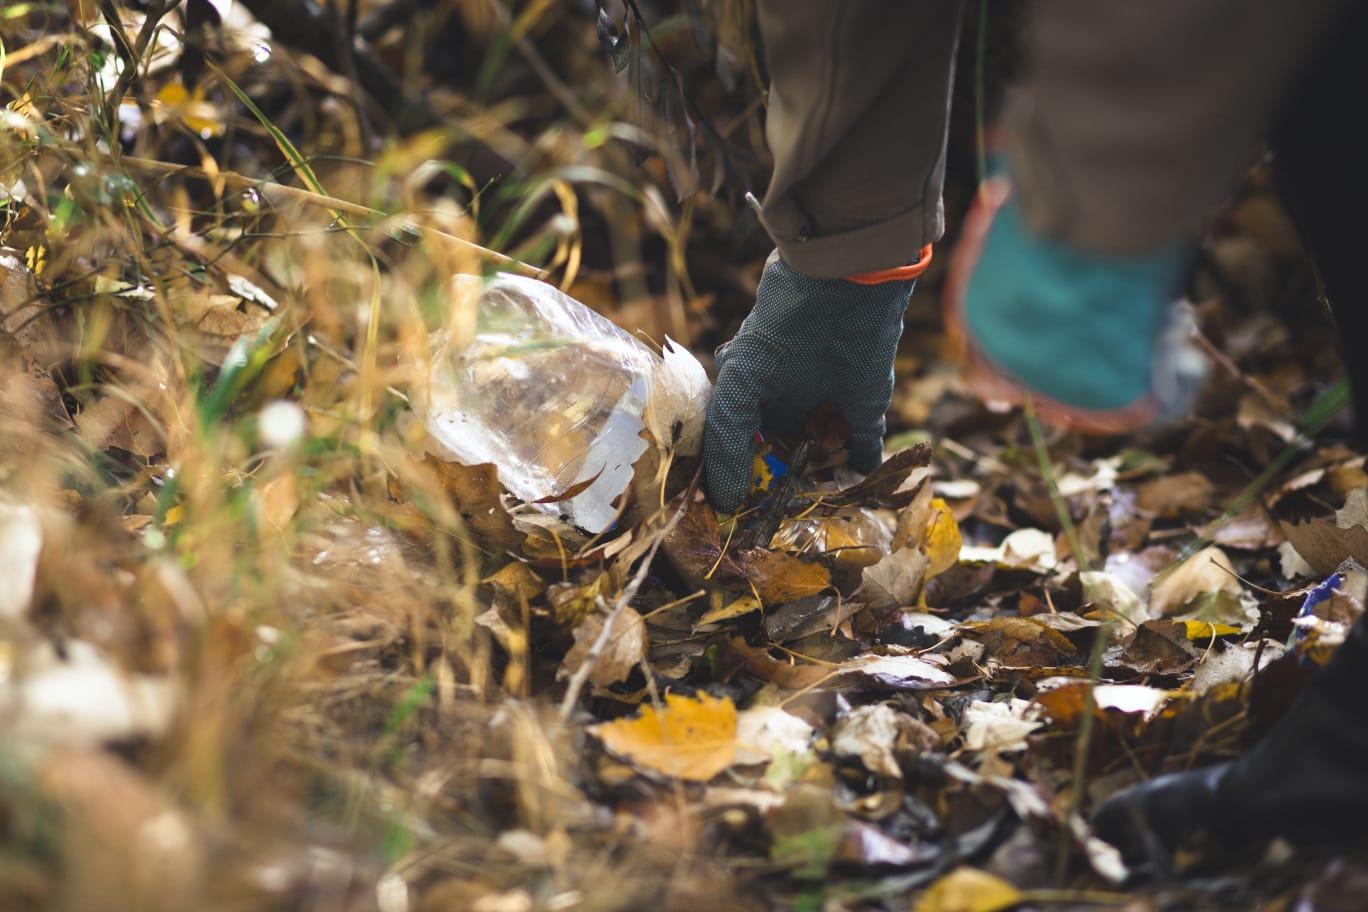 Einmal pro Monat ist die Gruppe bisher zum Müllsammeln unterwegs – Foto: © Simone Hart